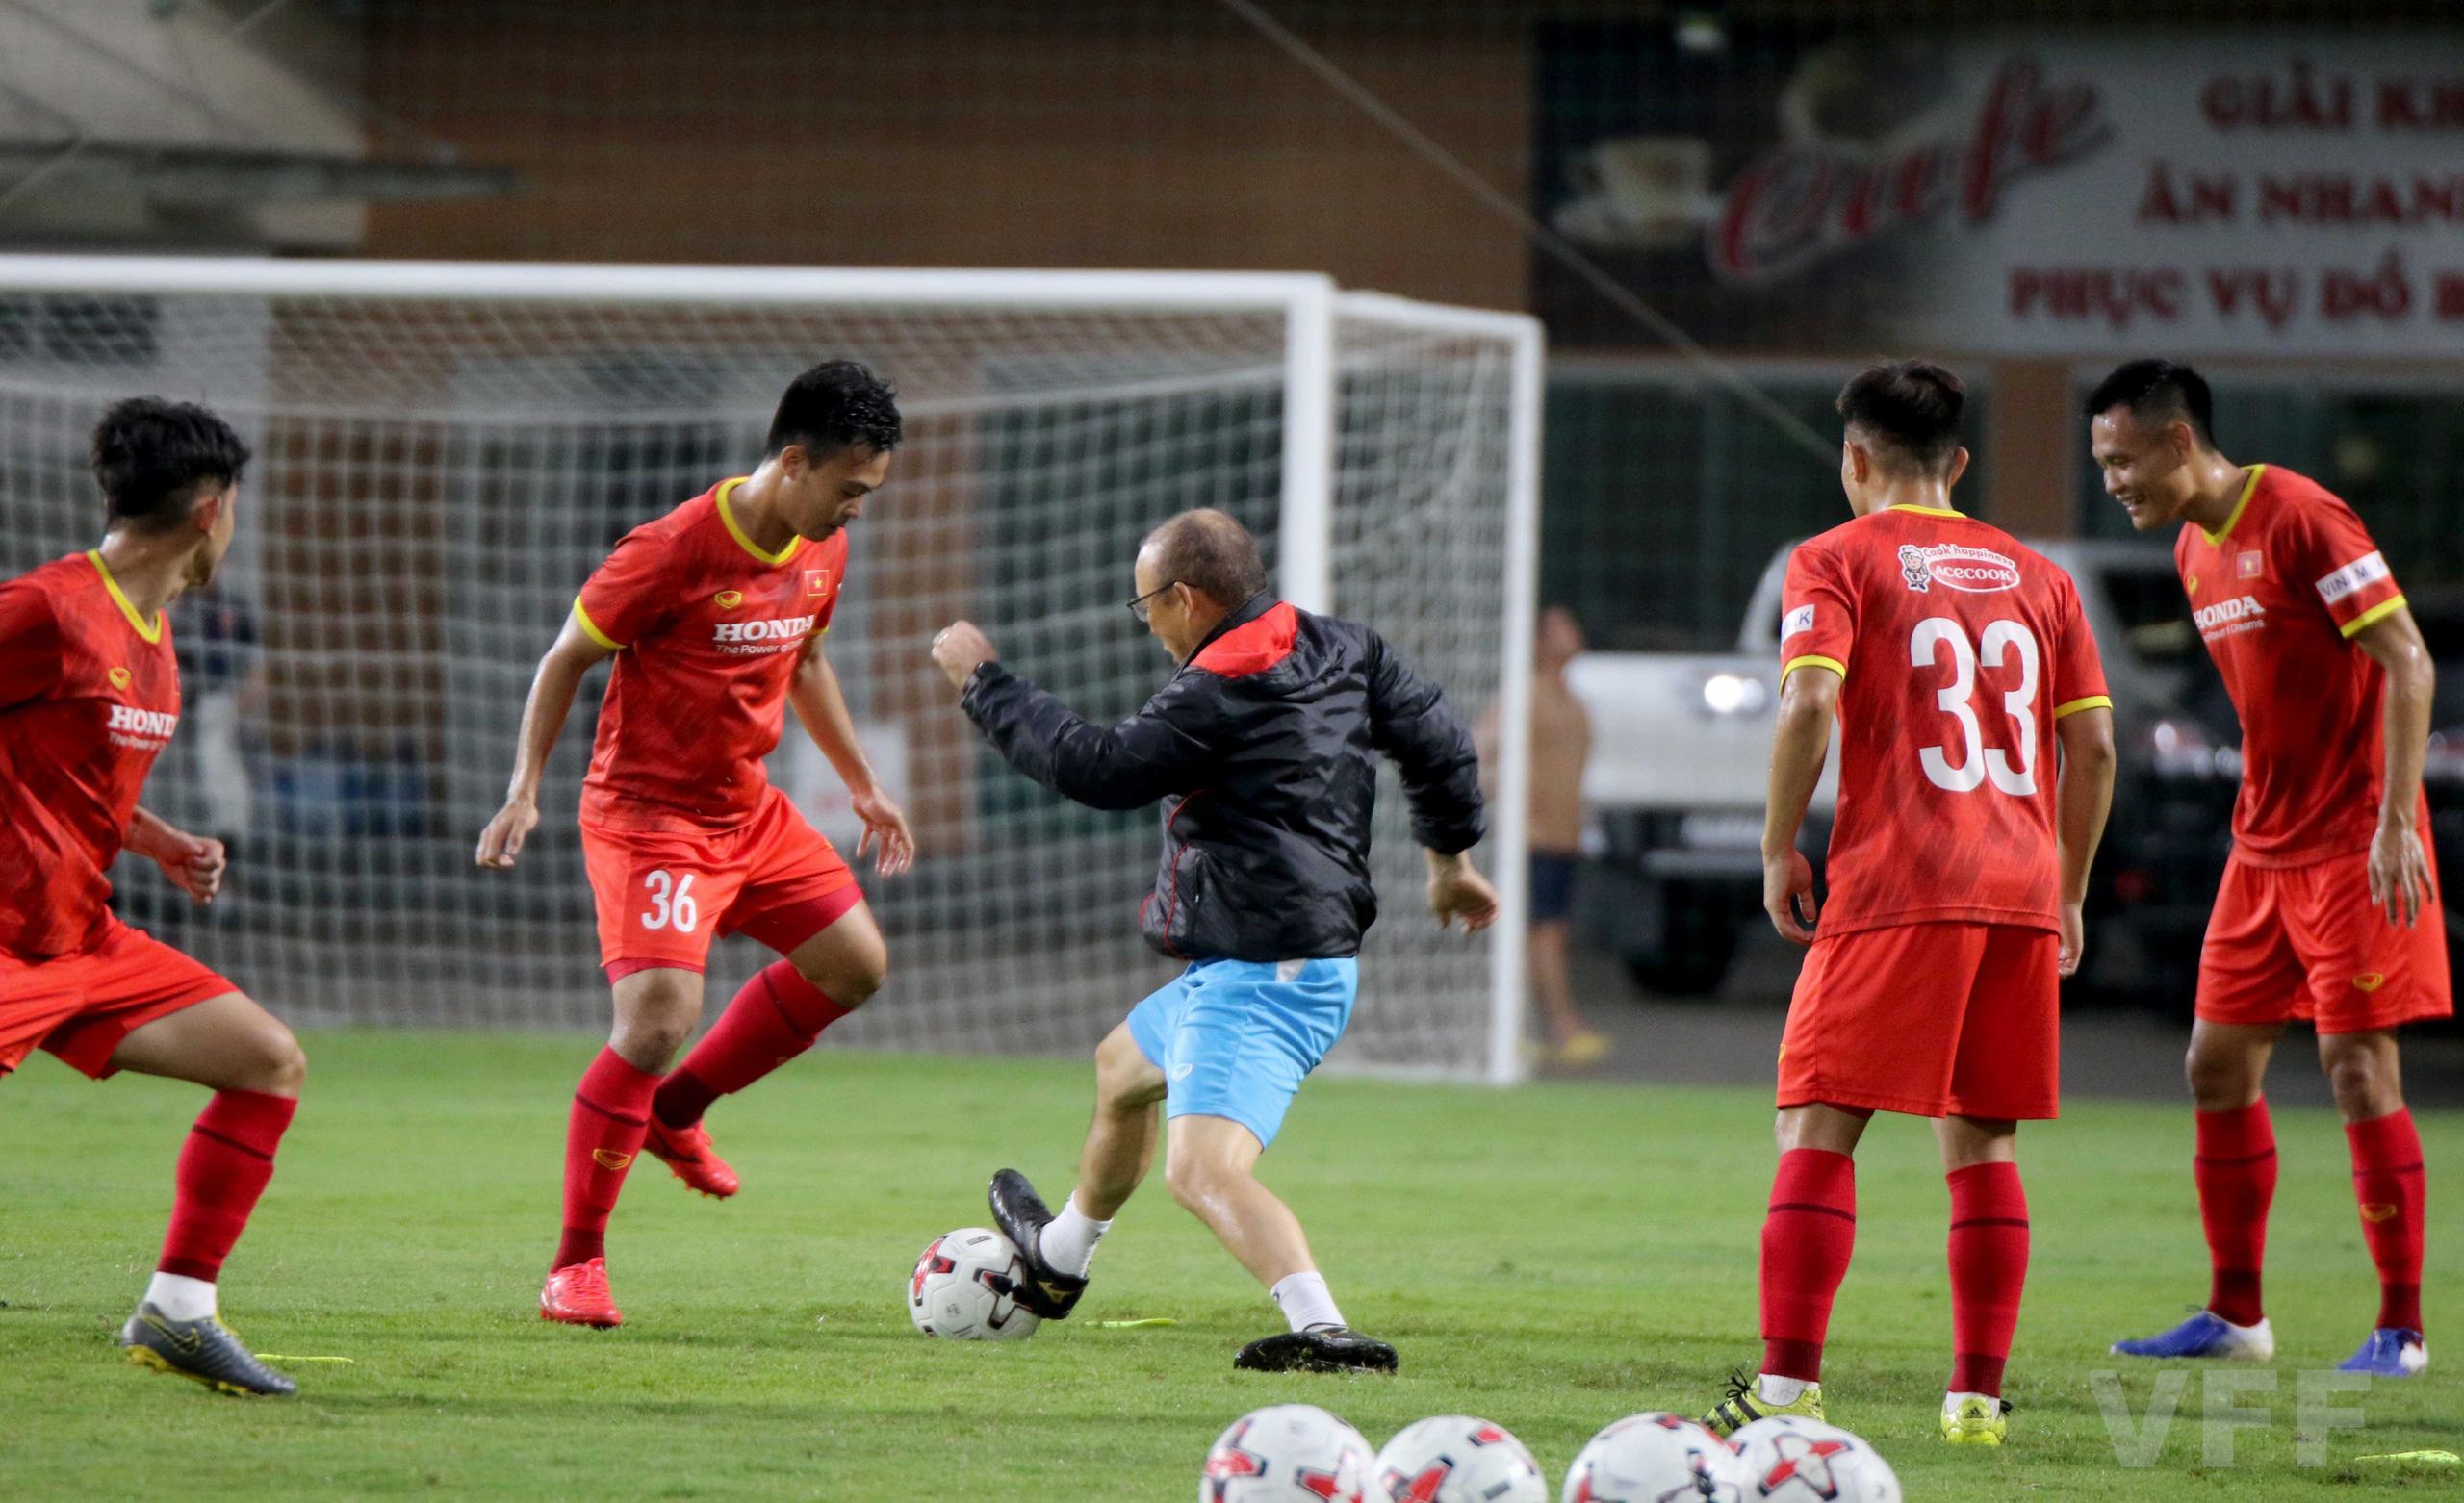 """HLV Park Hang-seo """"làm xiếc"""" với bóng khiến học trò ngỡ ngàng! - Ảnh 10."""